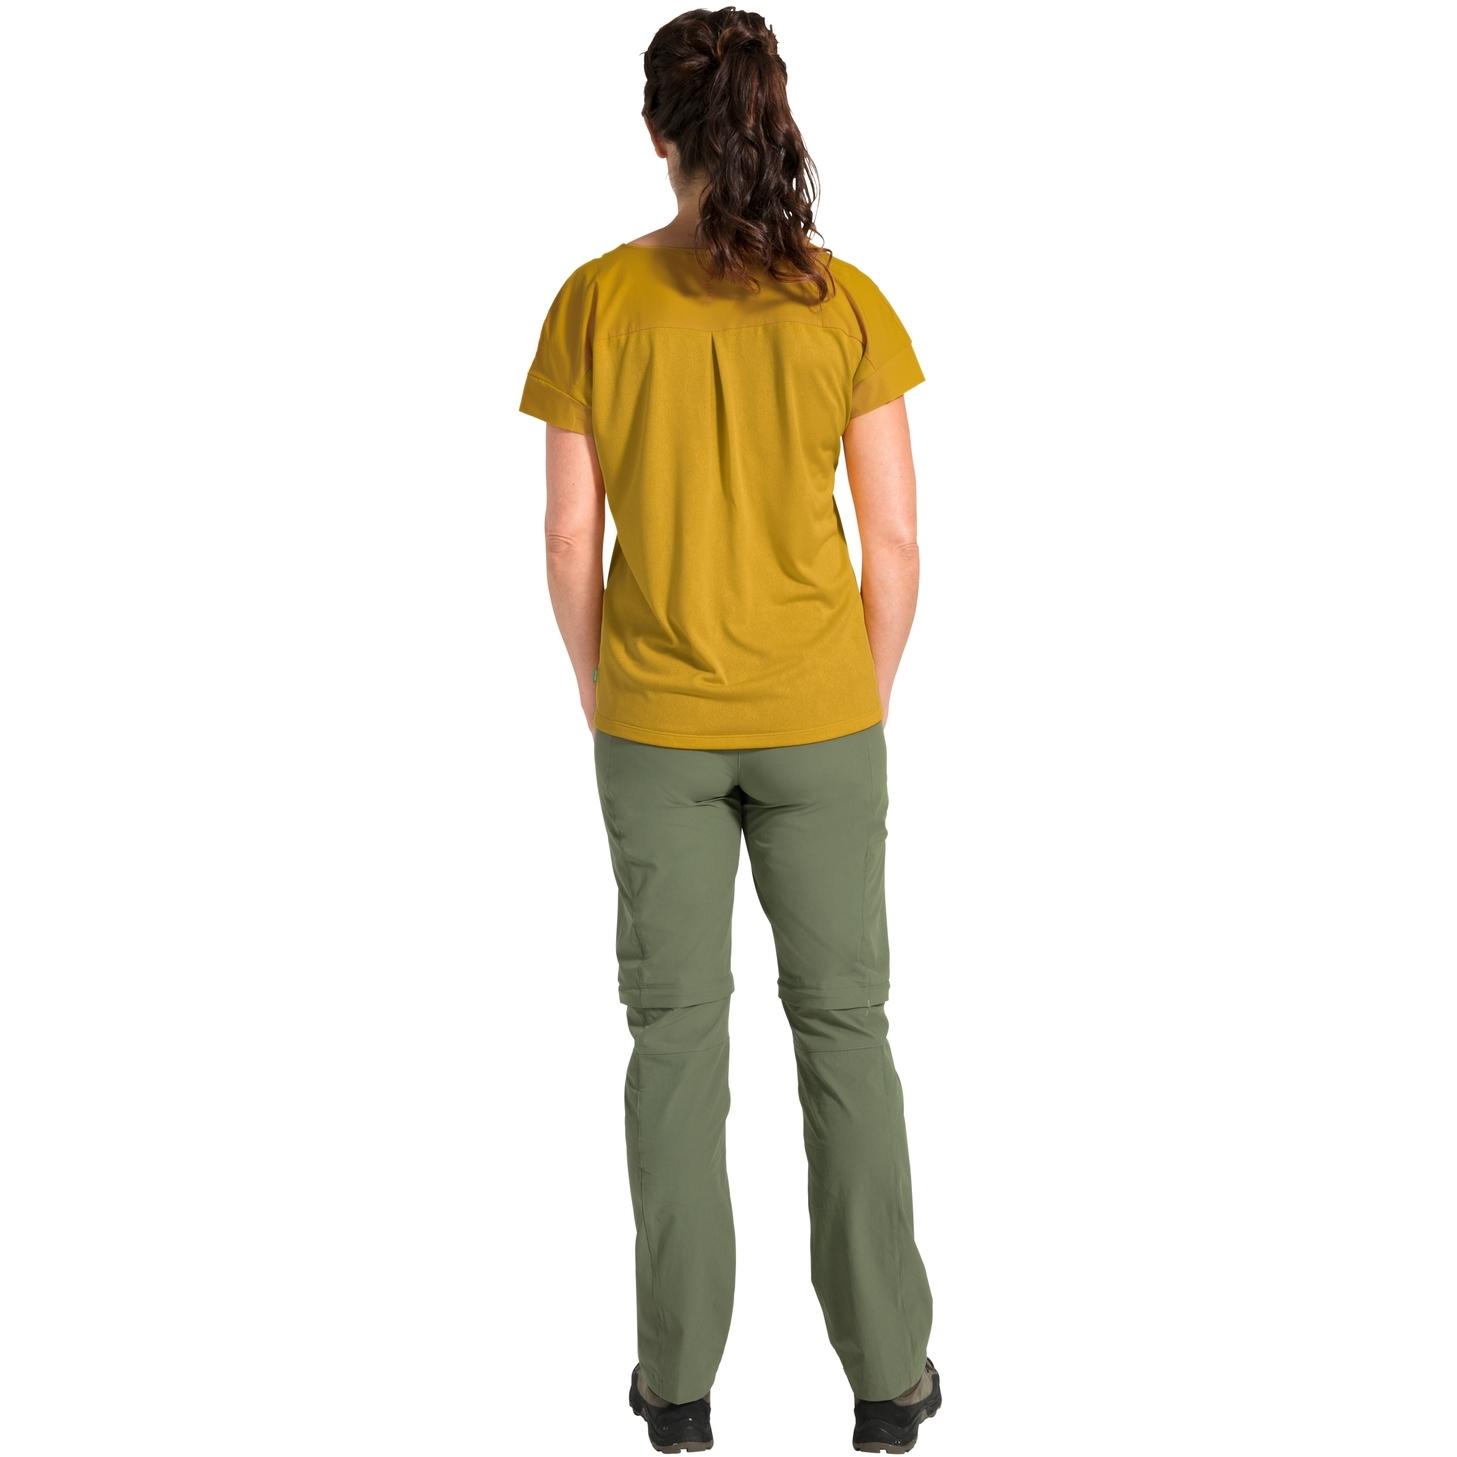 Bild von Vaude Skomer V-Neck Damen T-Shirt - marigold